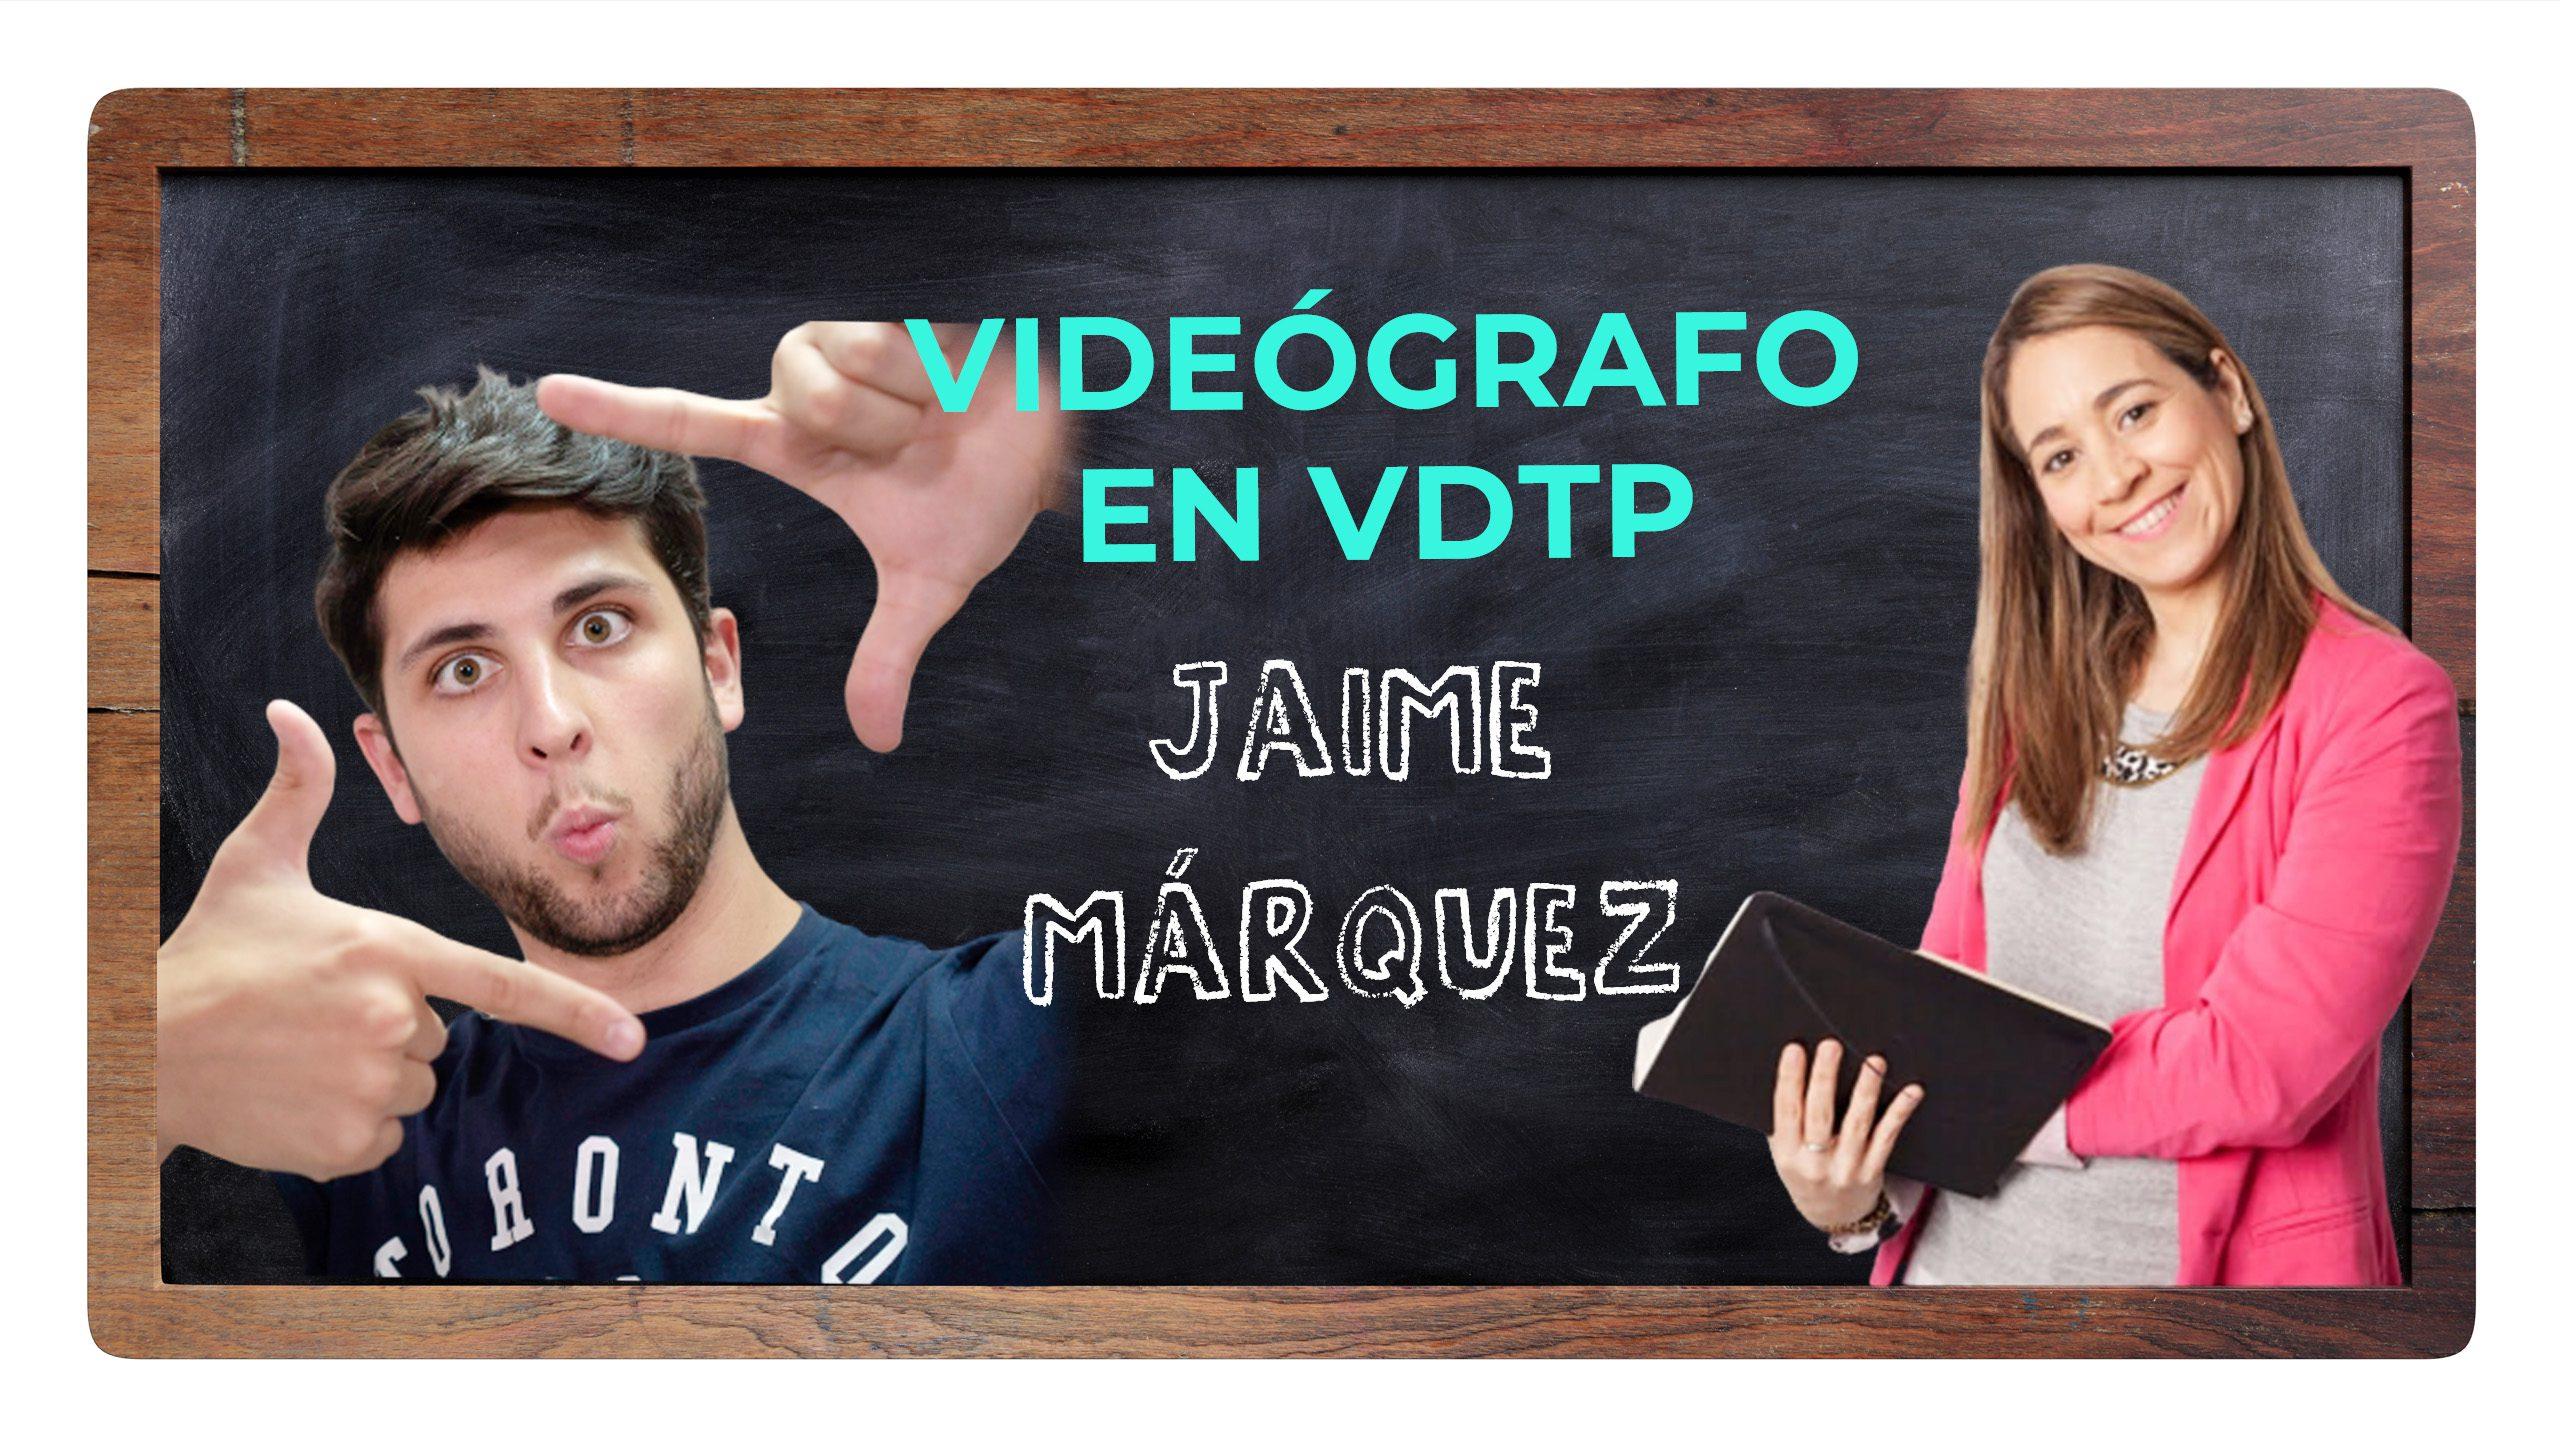 Trucos y herramientas para grabar tus vídeos con buena calidad con Jaime Márquez